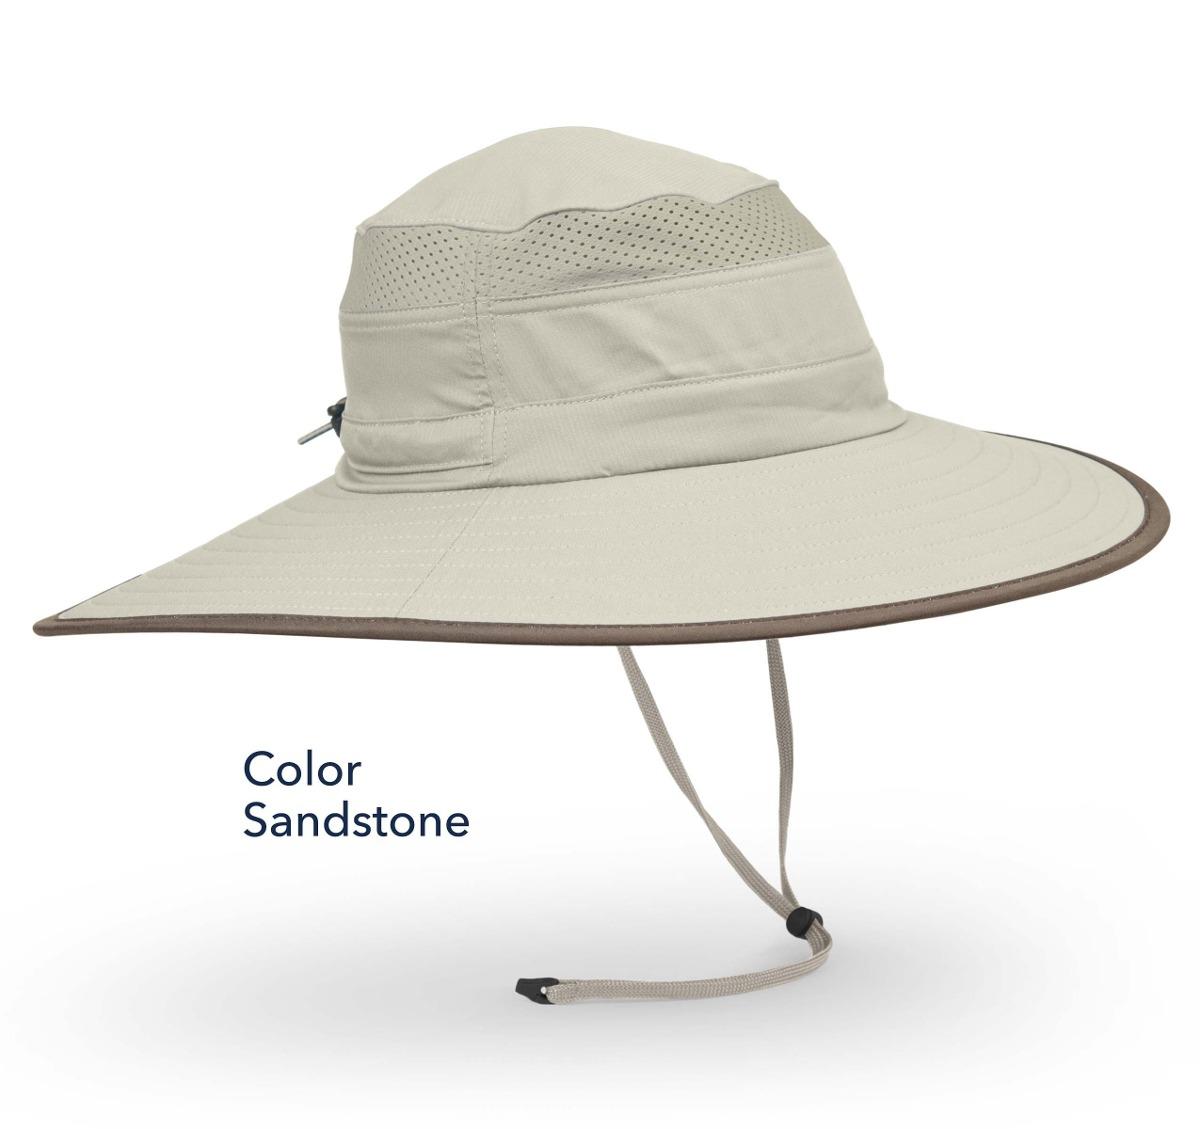 7287984c36274 Sombrero Lotus Protección Solar Upf 50+ Viaje